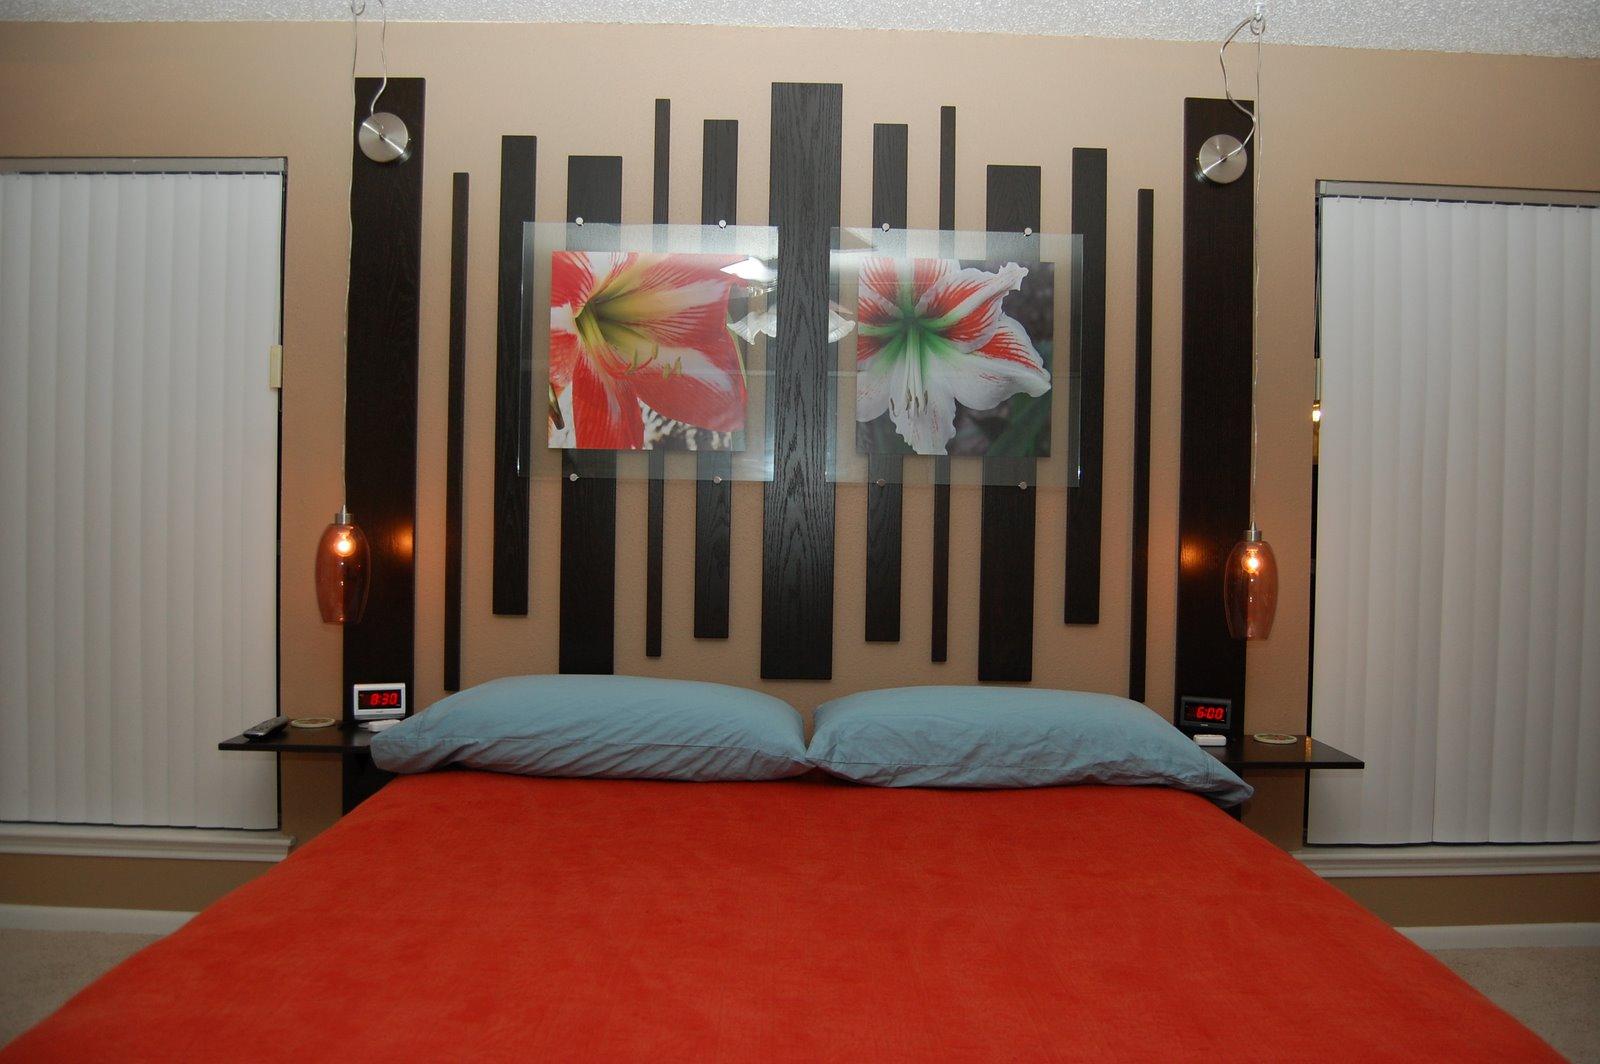 Bed headrest design home designs for Bed headrest design